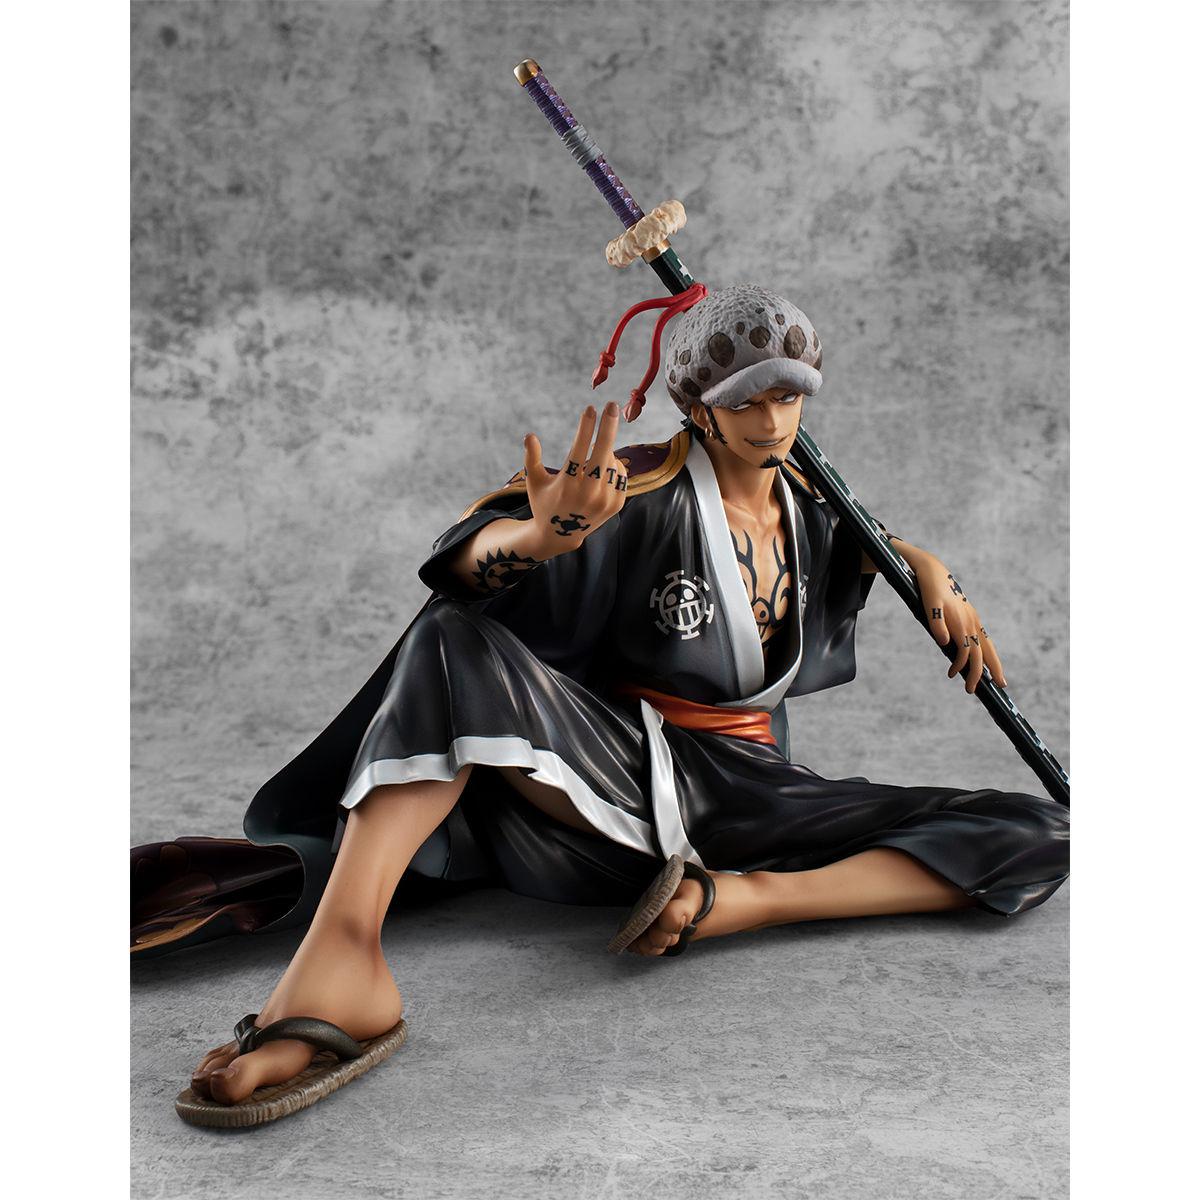 """【限定販売】Portrait.Of.Pirates ワンピース """"Warriors Alliance""""『トラファルガー・ロー』完成品フィギュア-006"""